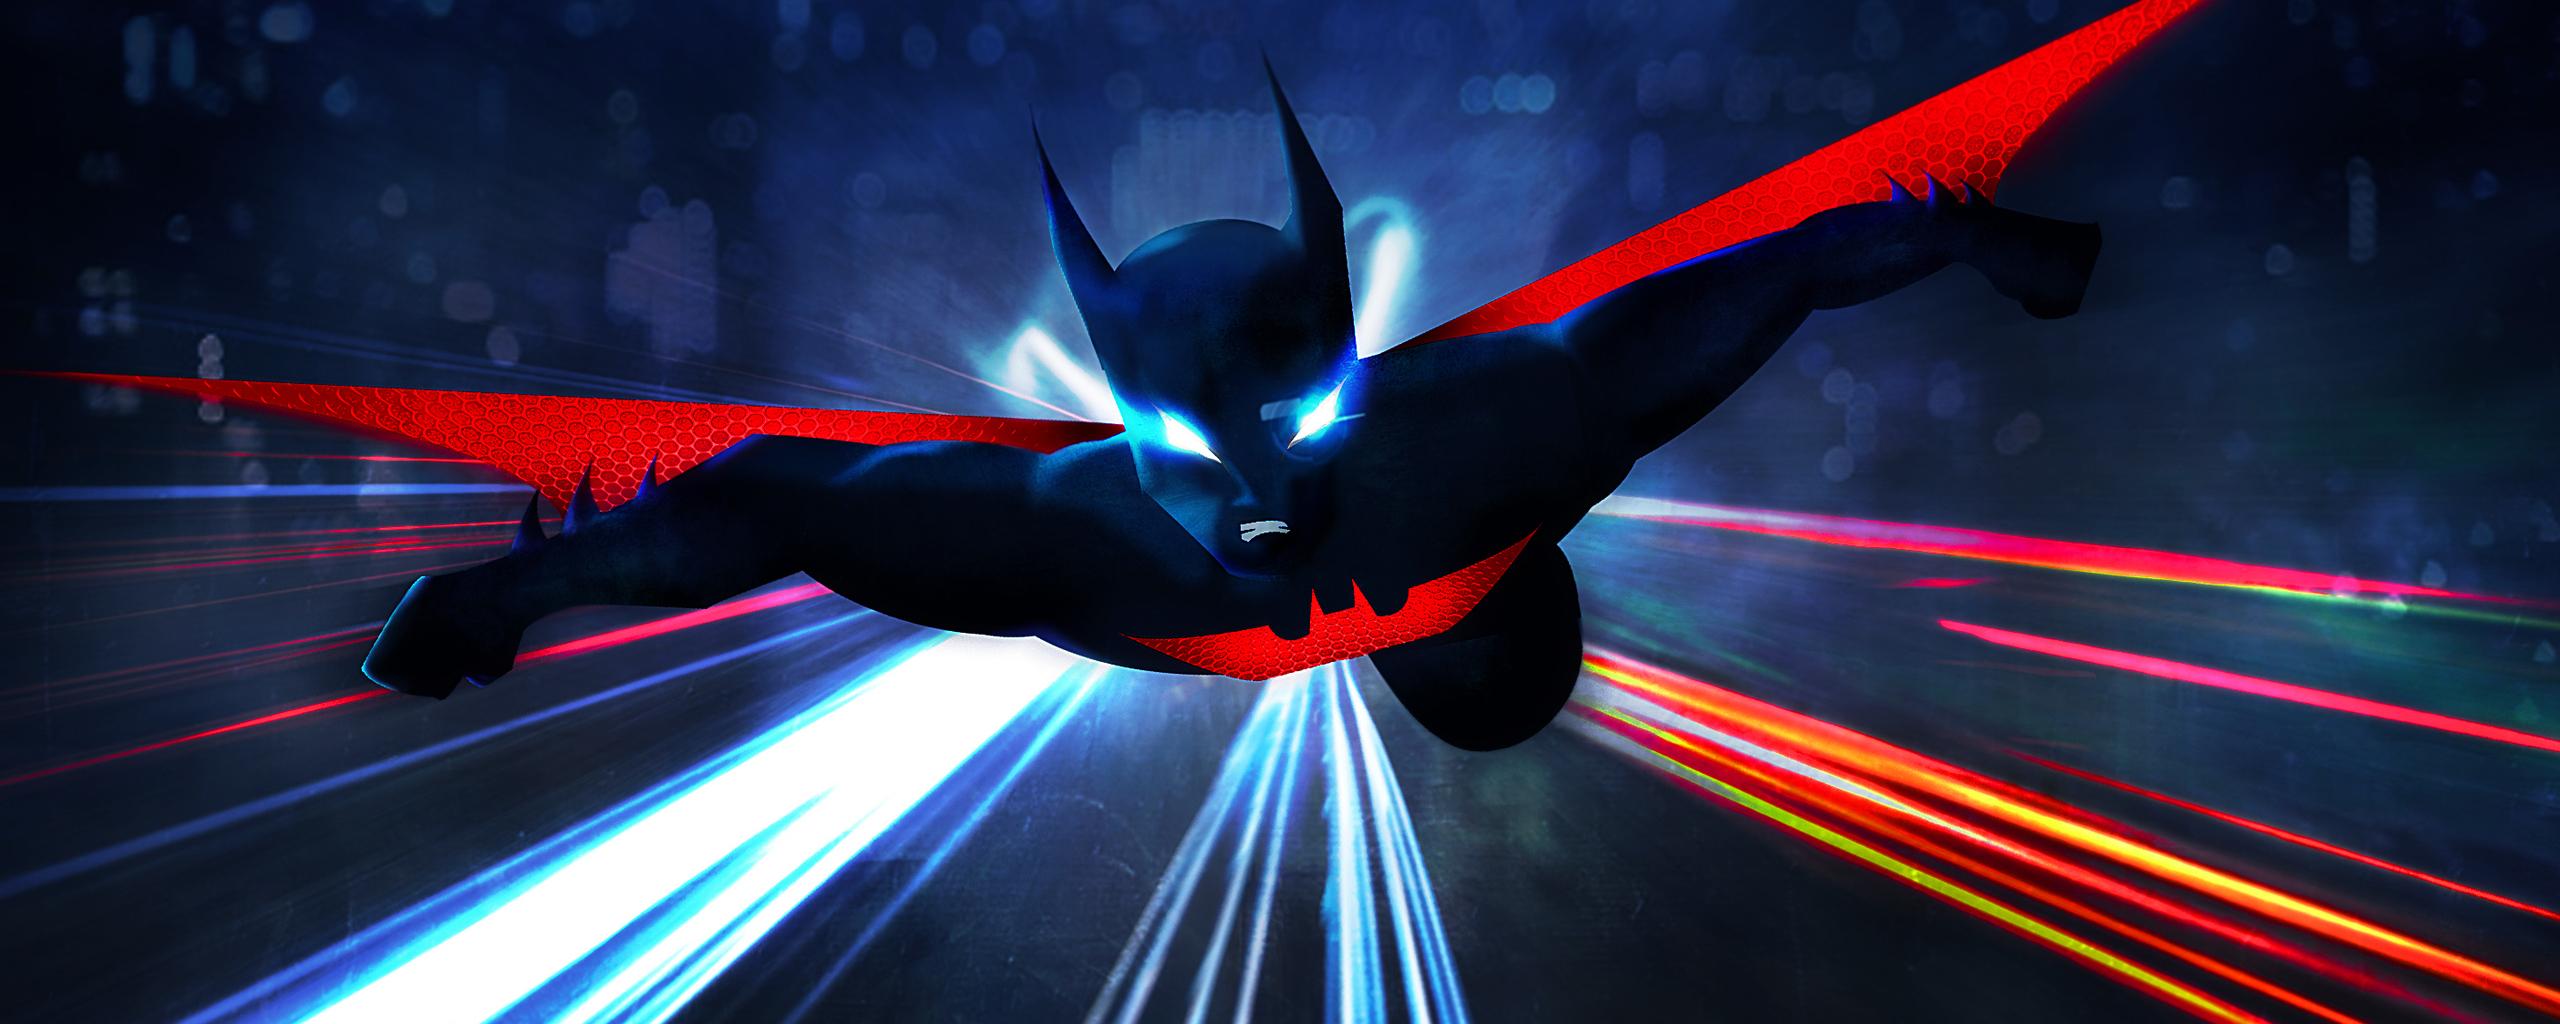 batman-beyond-hd-art-97.jpg